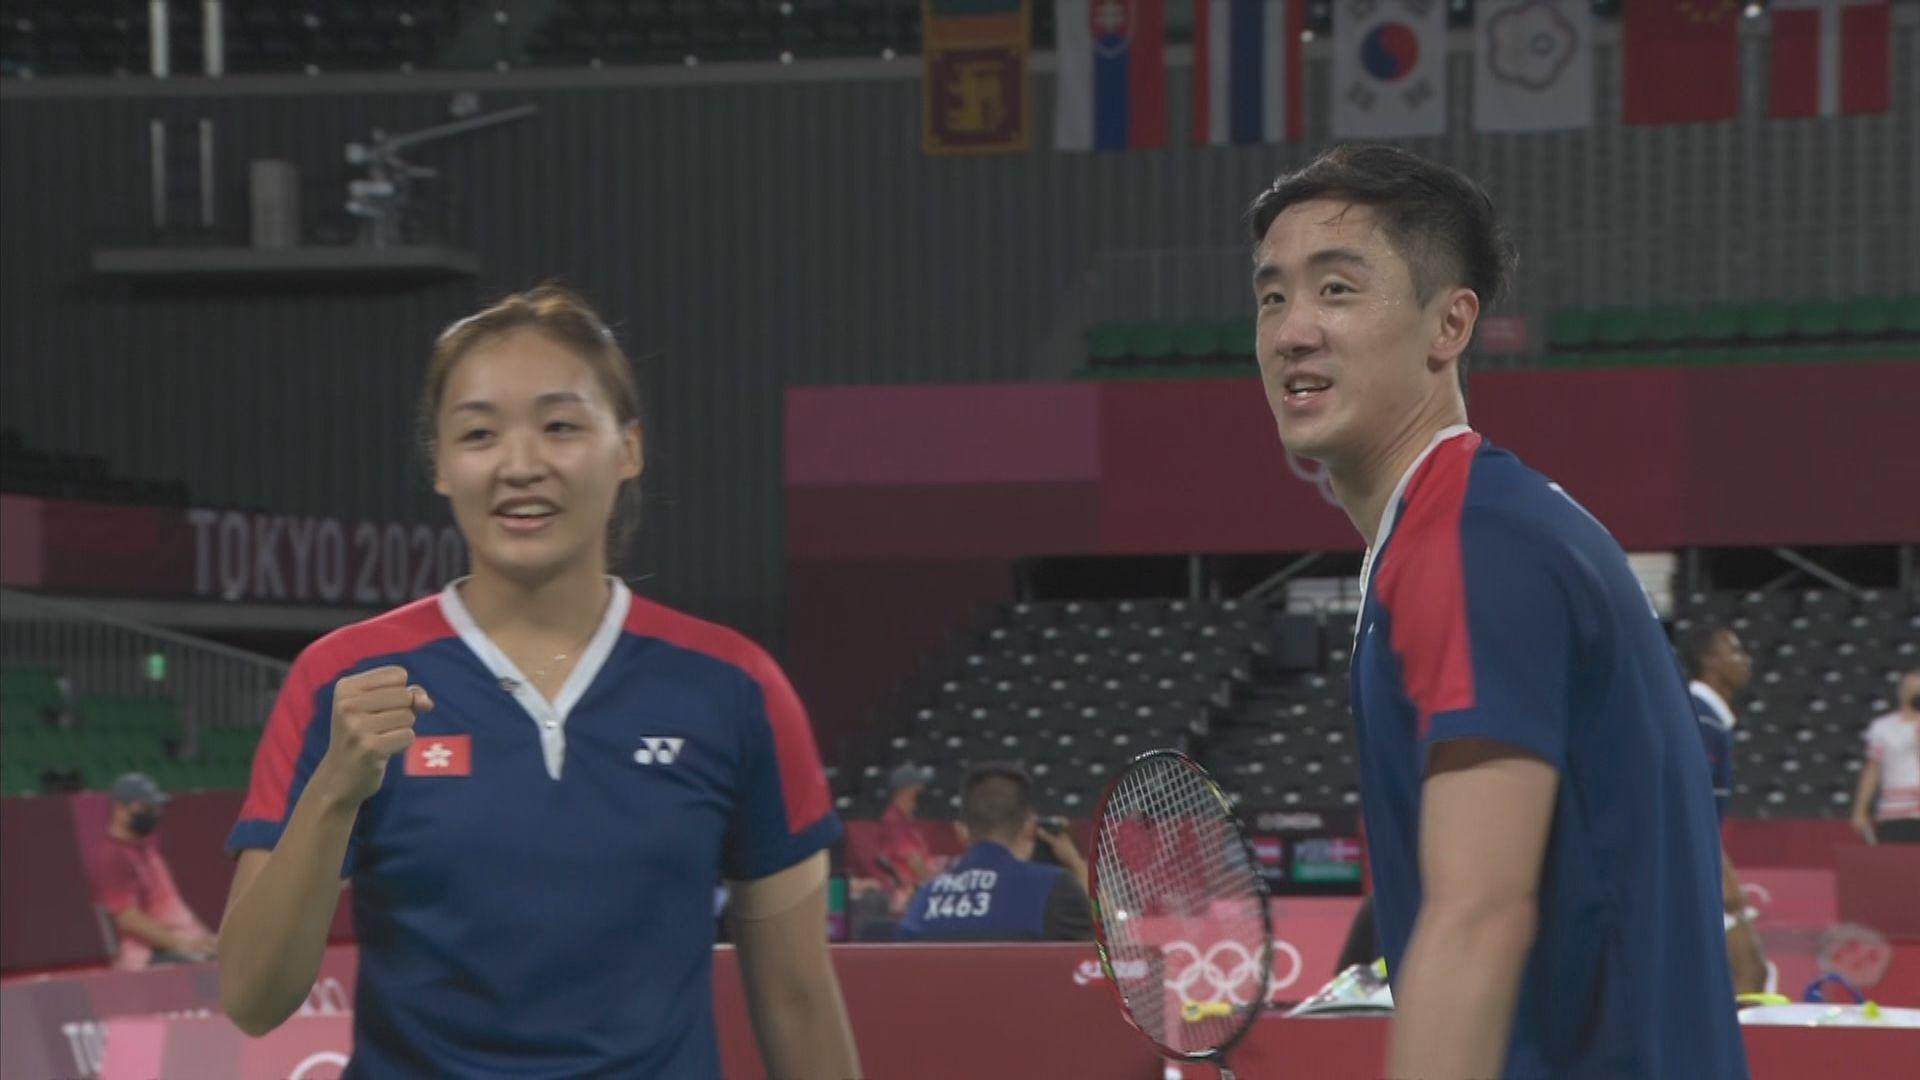 羽毛球混雙 鄧俊文謝影雪旗開得勝 勝出首場分組賽